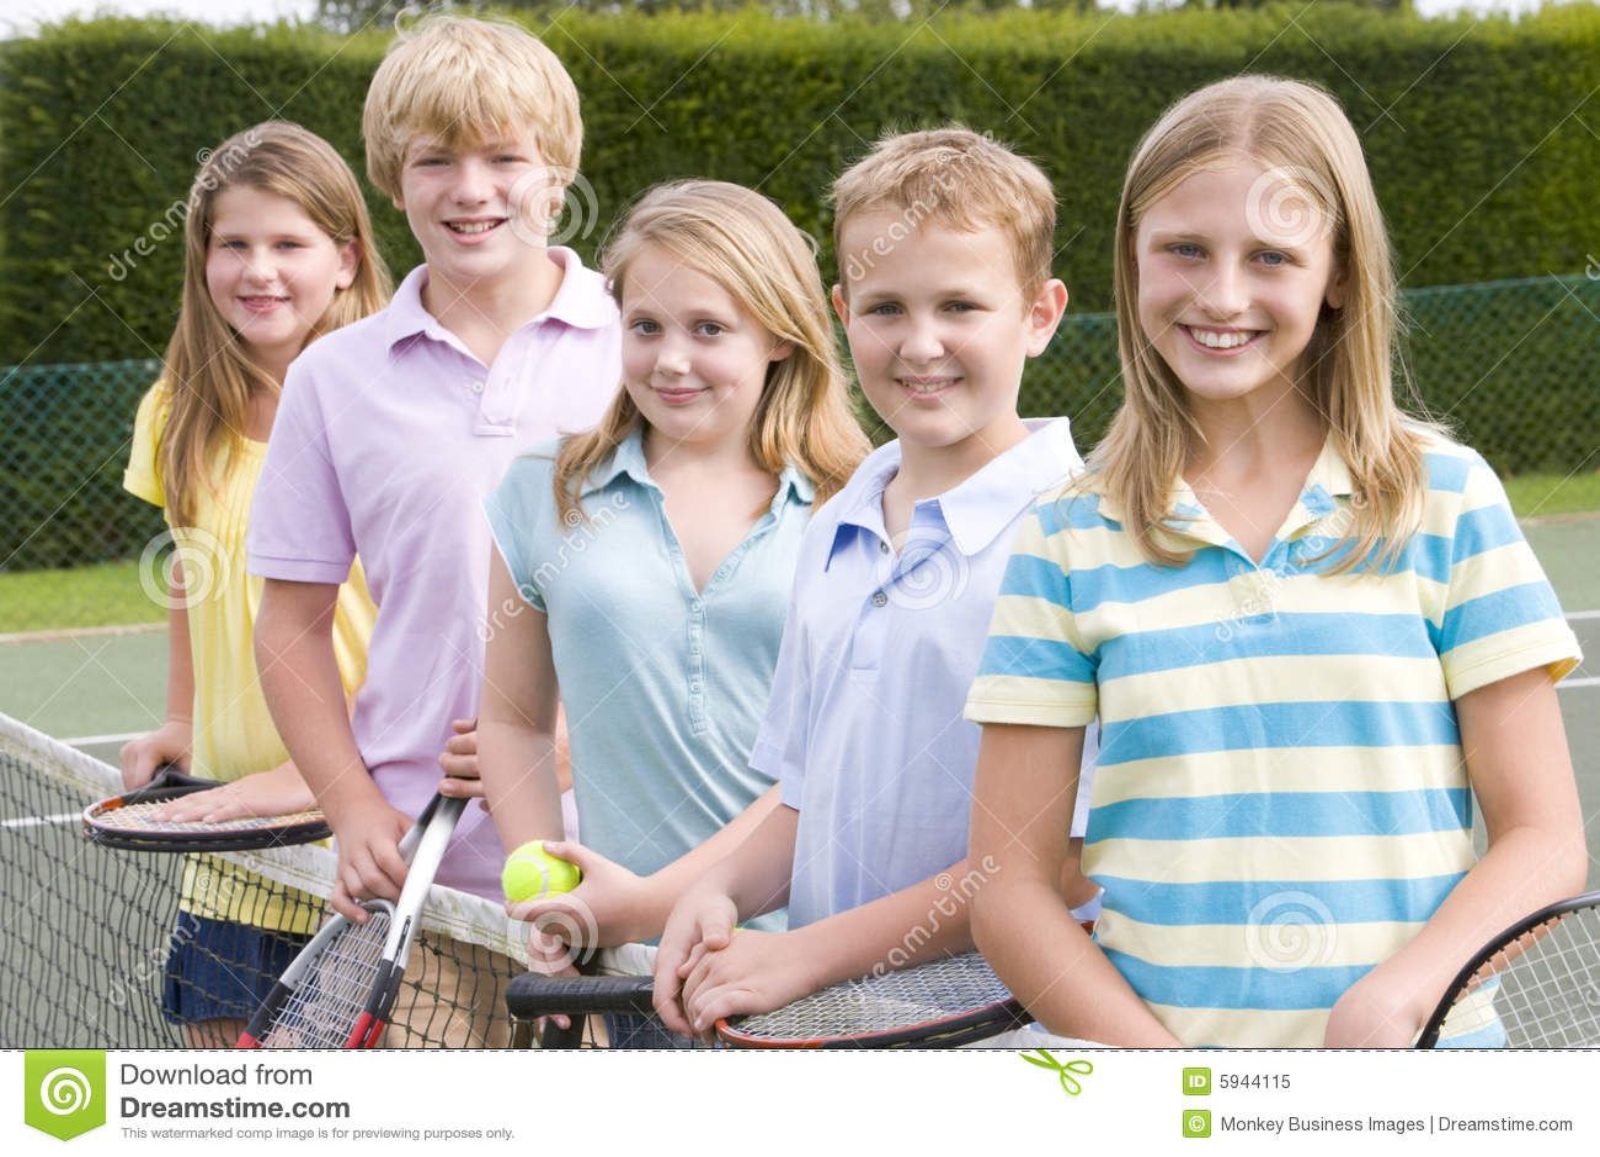 Cinco amigos jovenes en campo de tenis